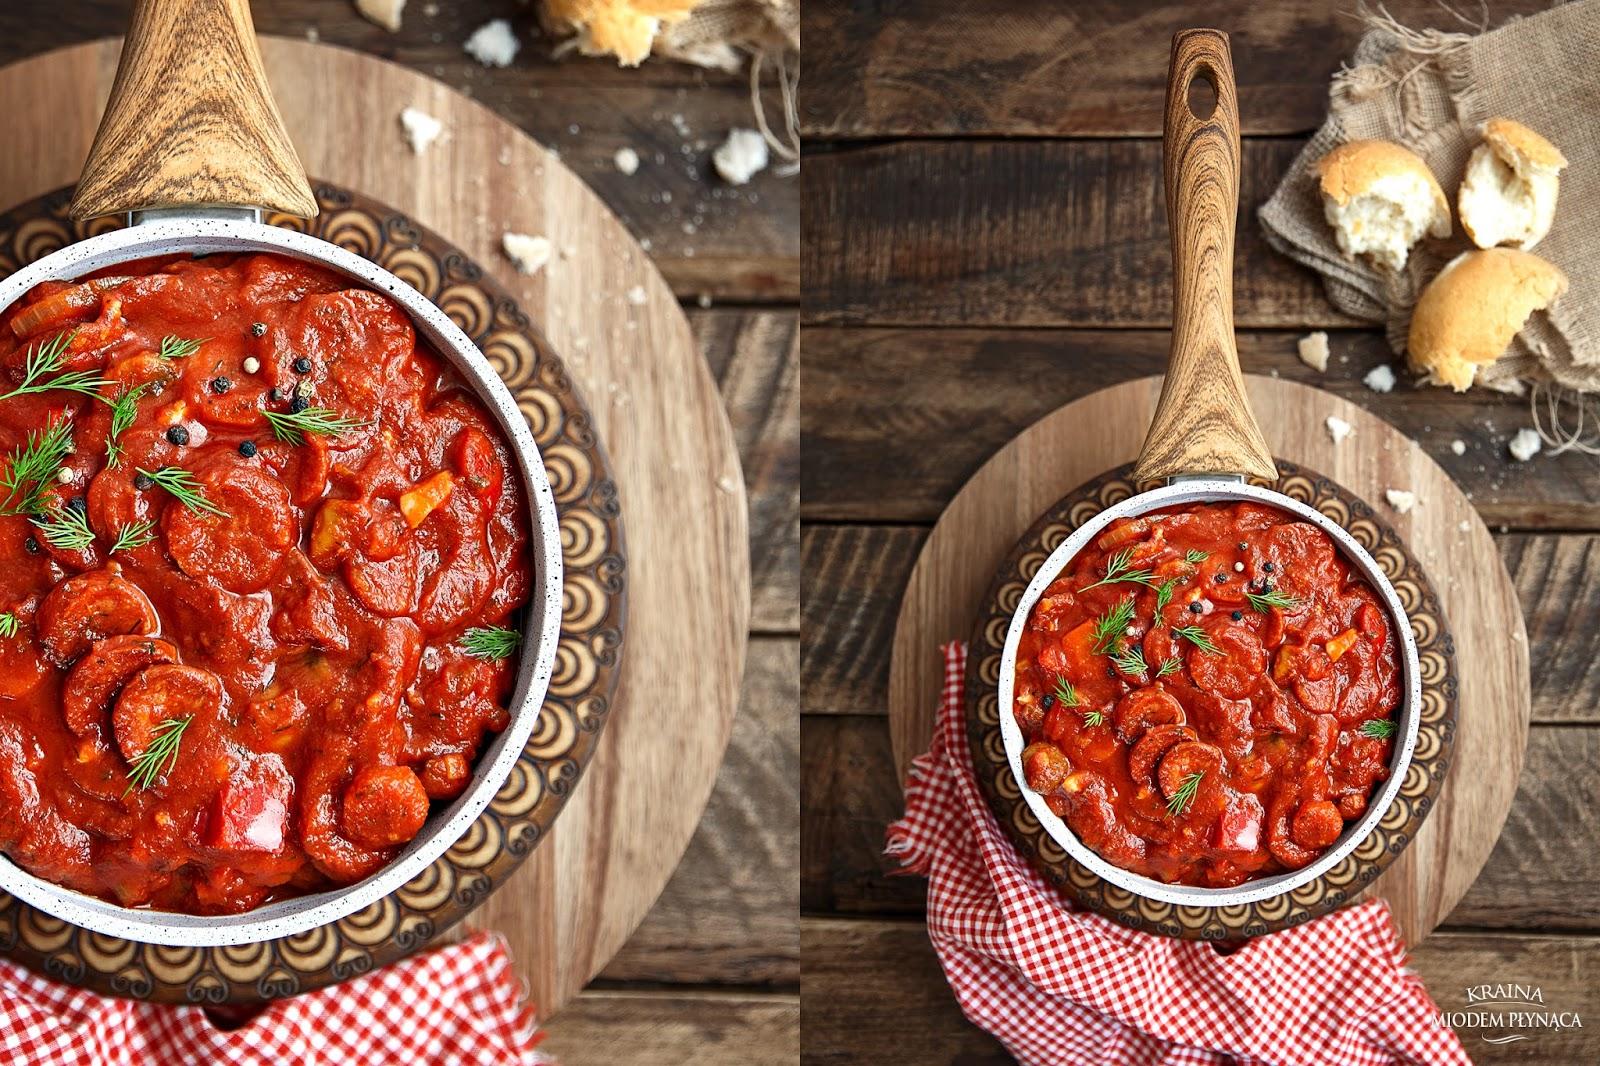 gulasz z kiełbasą, gulasz z marchewką, gulasz z pieczarkami, sos pomidorowy, gulasz z chorizo, sos pomidorowy z chorizo, sos pomidorowy z kiełbaską, kiełbasa w sosie, fotografia kulinarna, kraina miodem płynąca